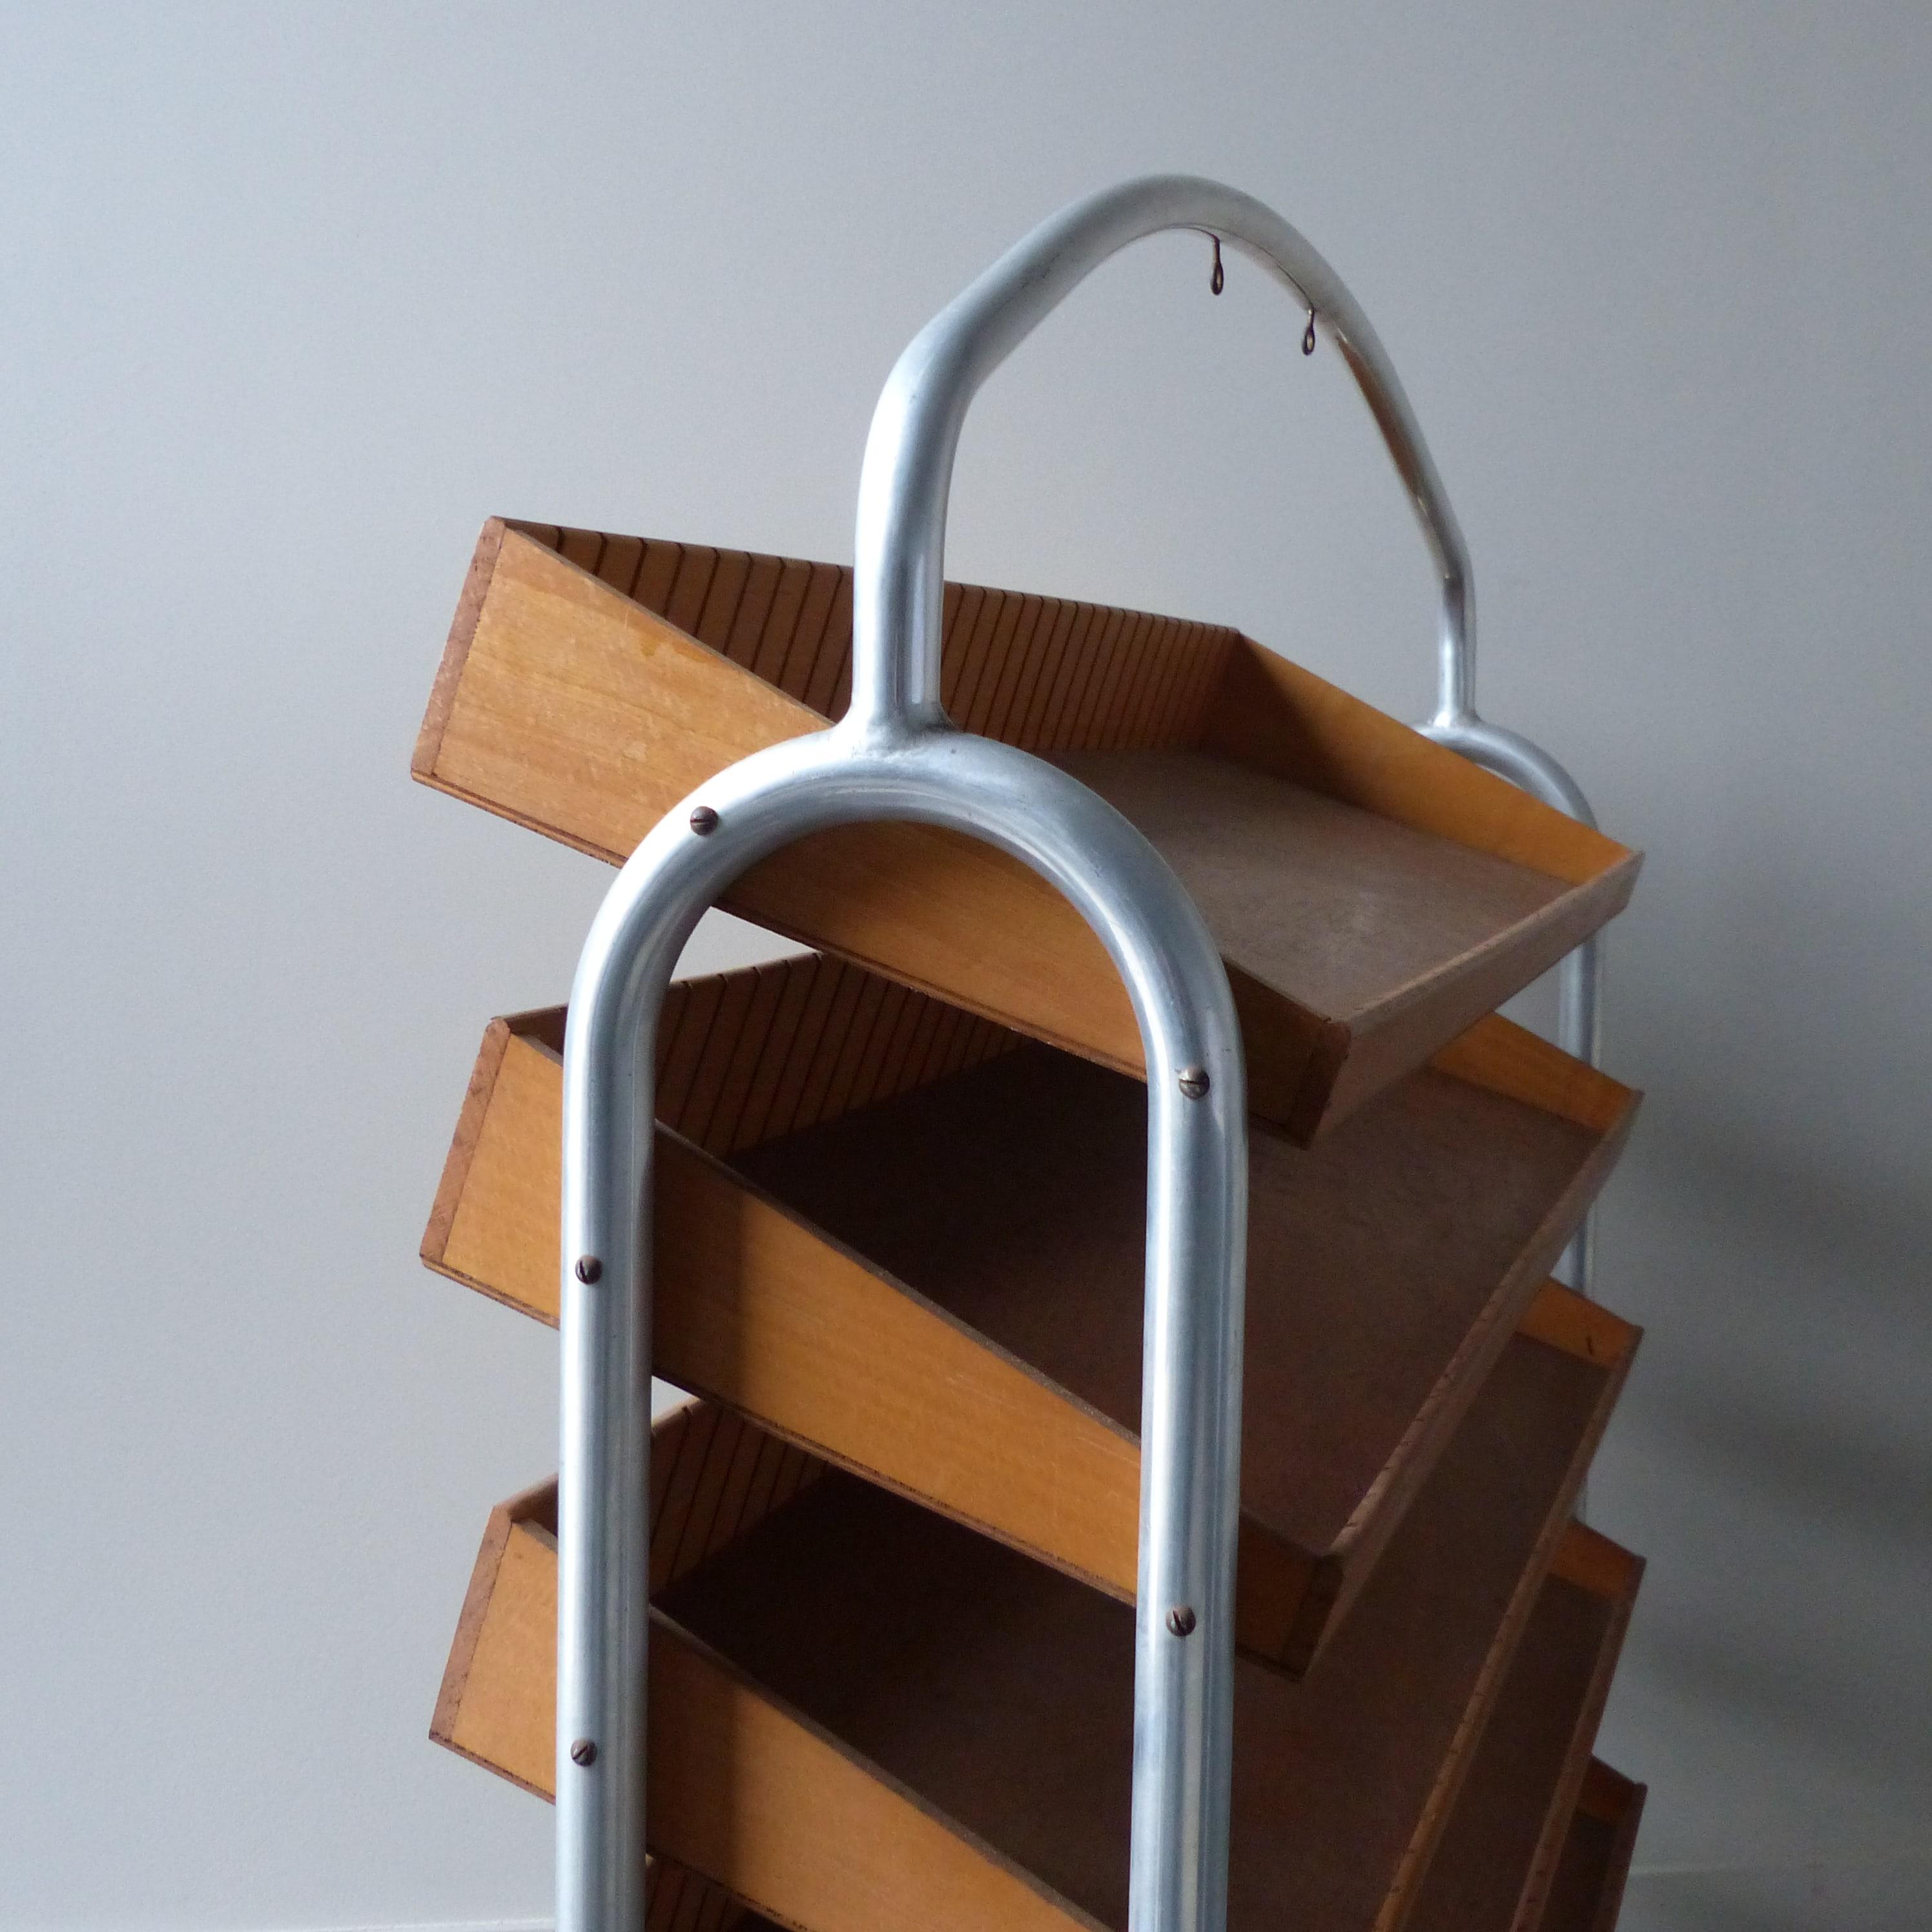 Meuble pr sentoir de mercerie clayettes en bois Meuble tubulaire